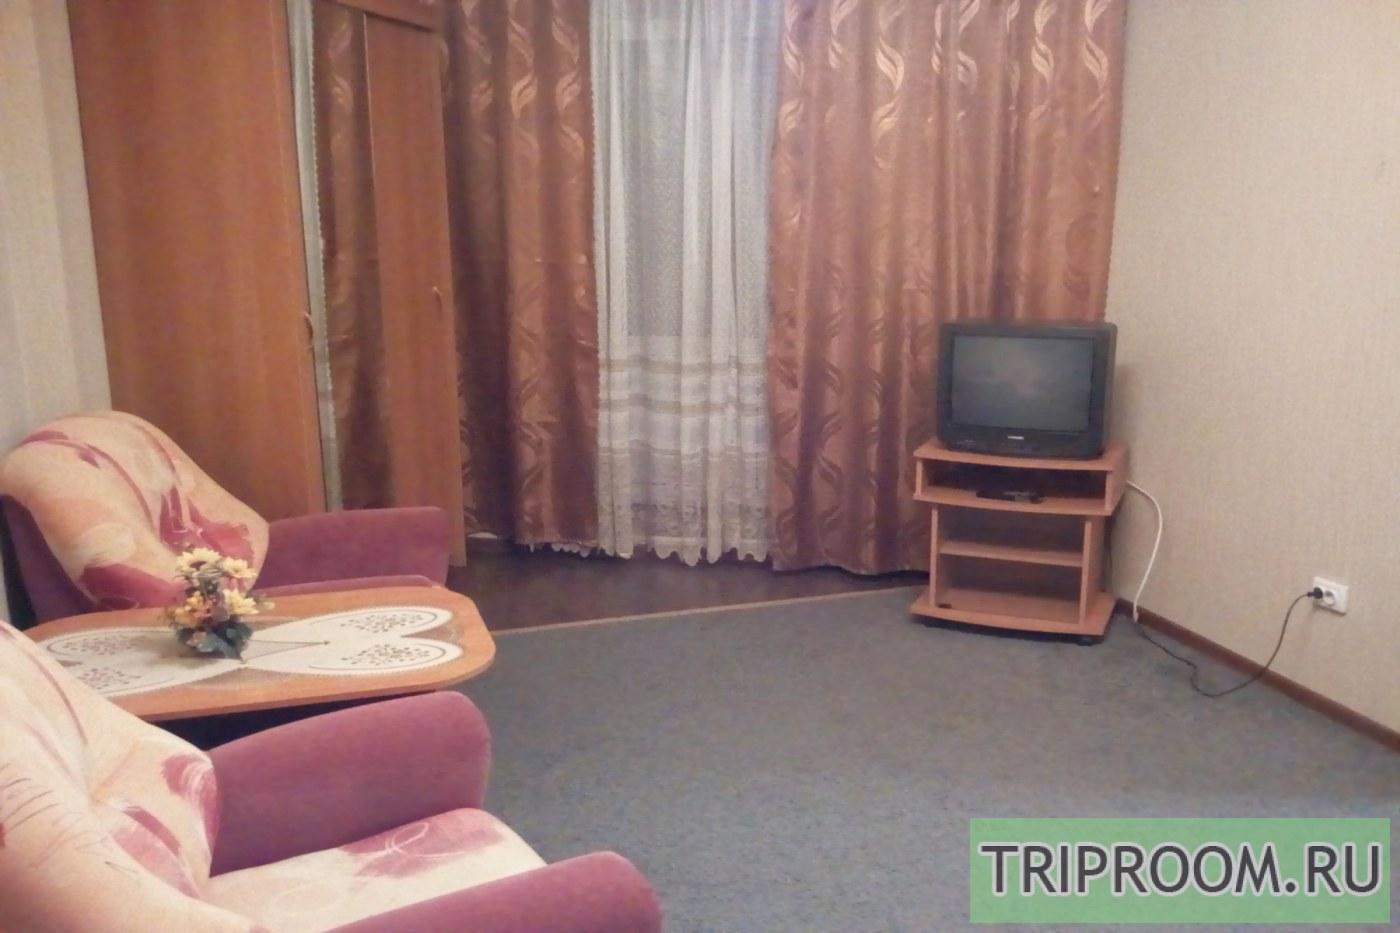 1-комнатная квартира посуточно (вариант № 39360), ул. Иркутский тракт, фото № 3